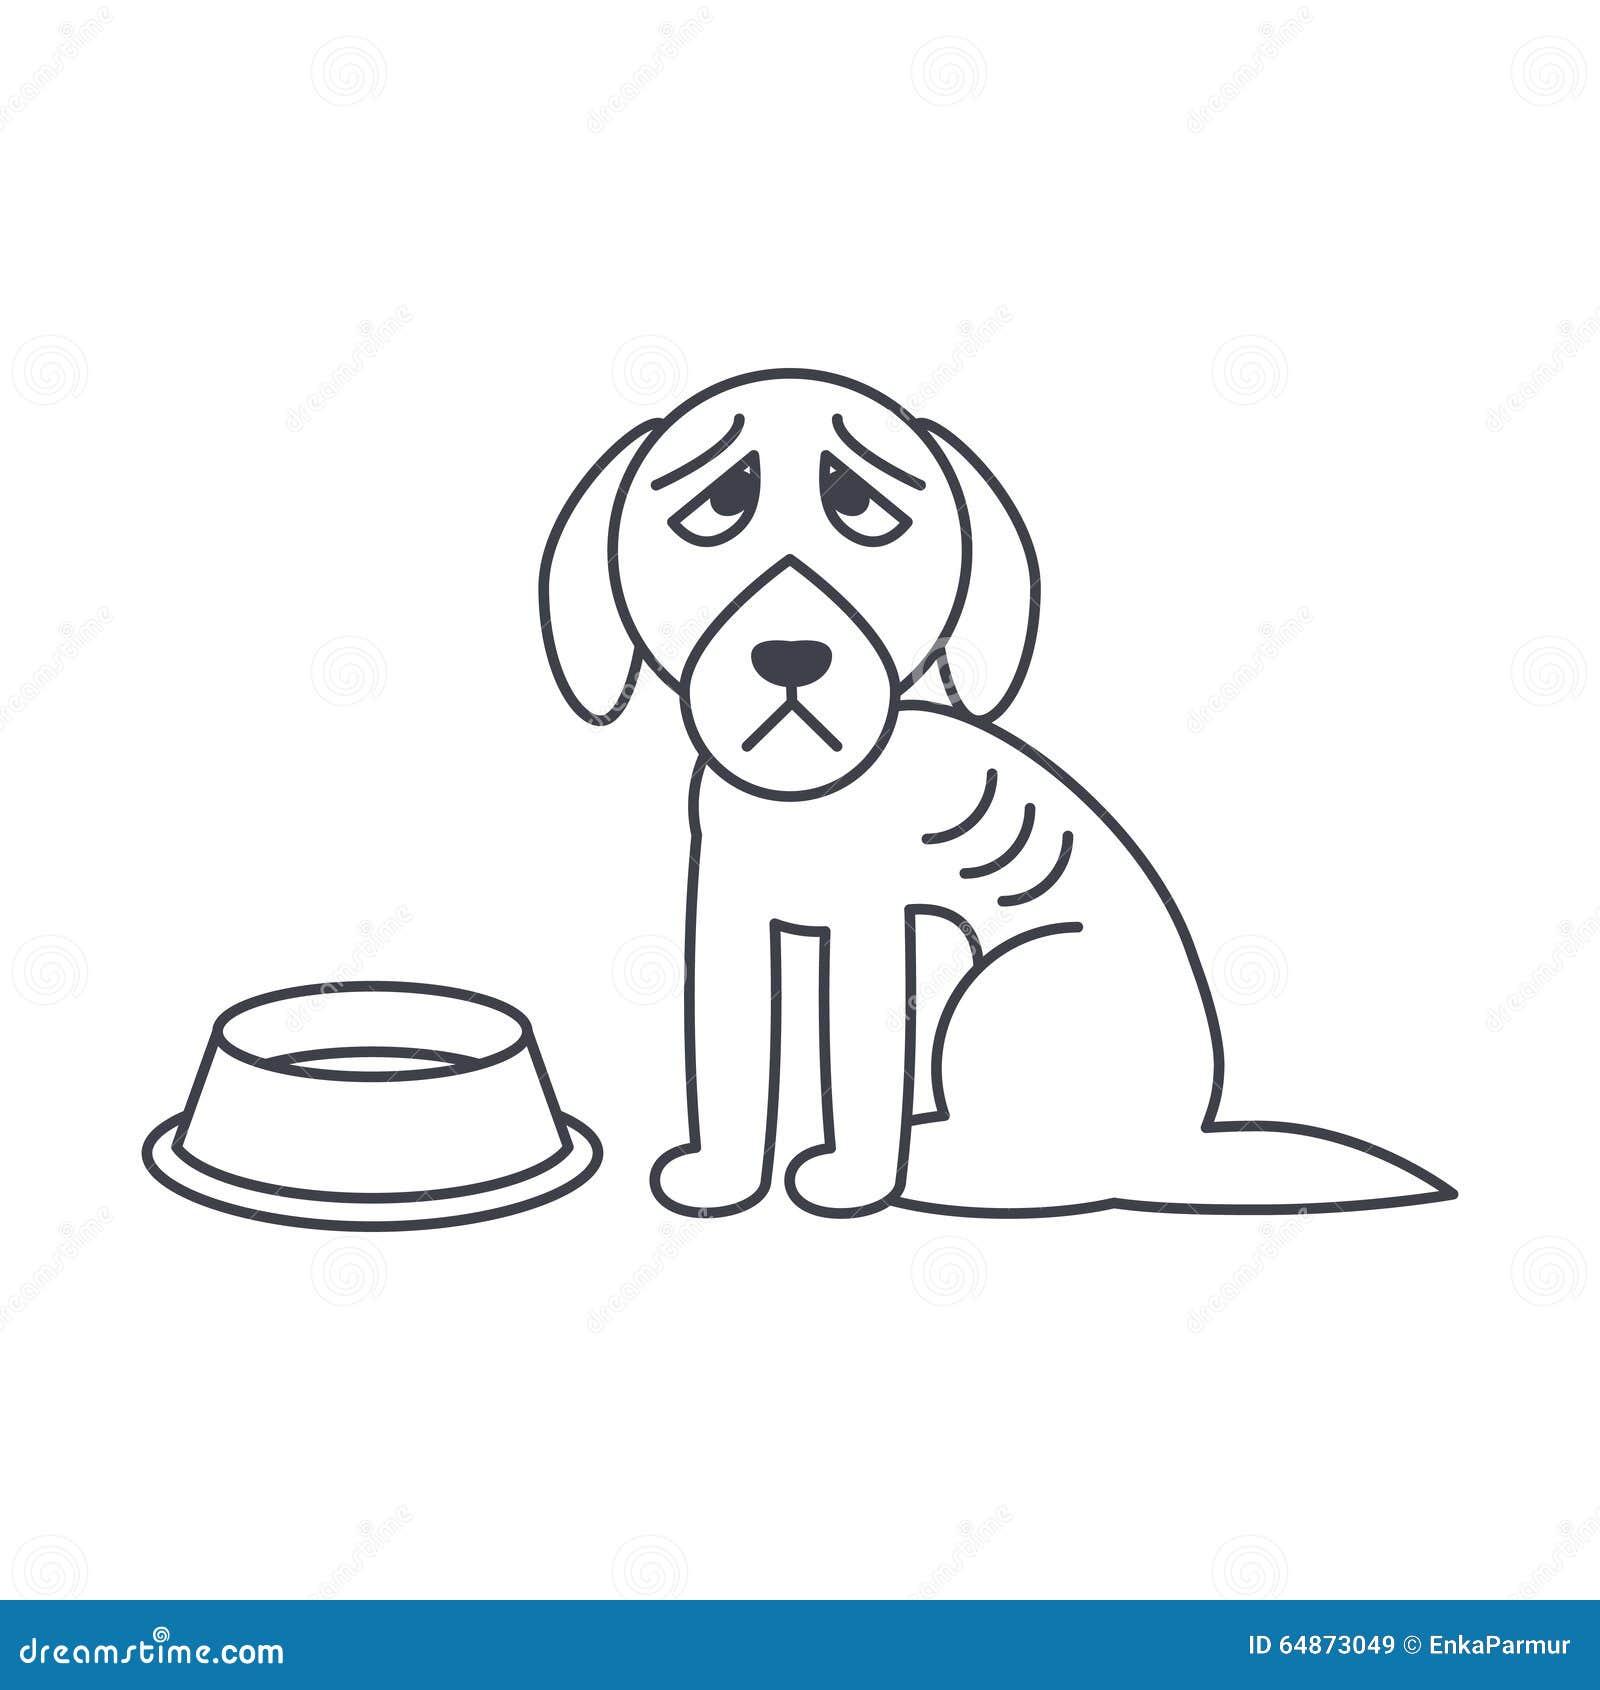 dog bowl outline